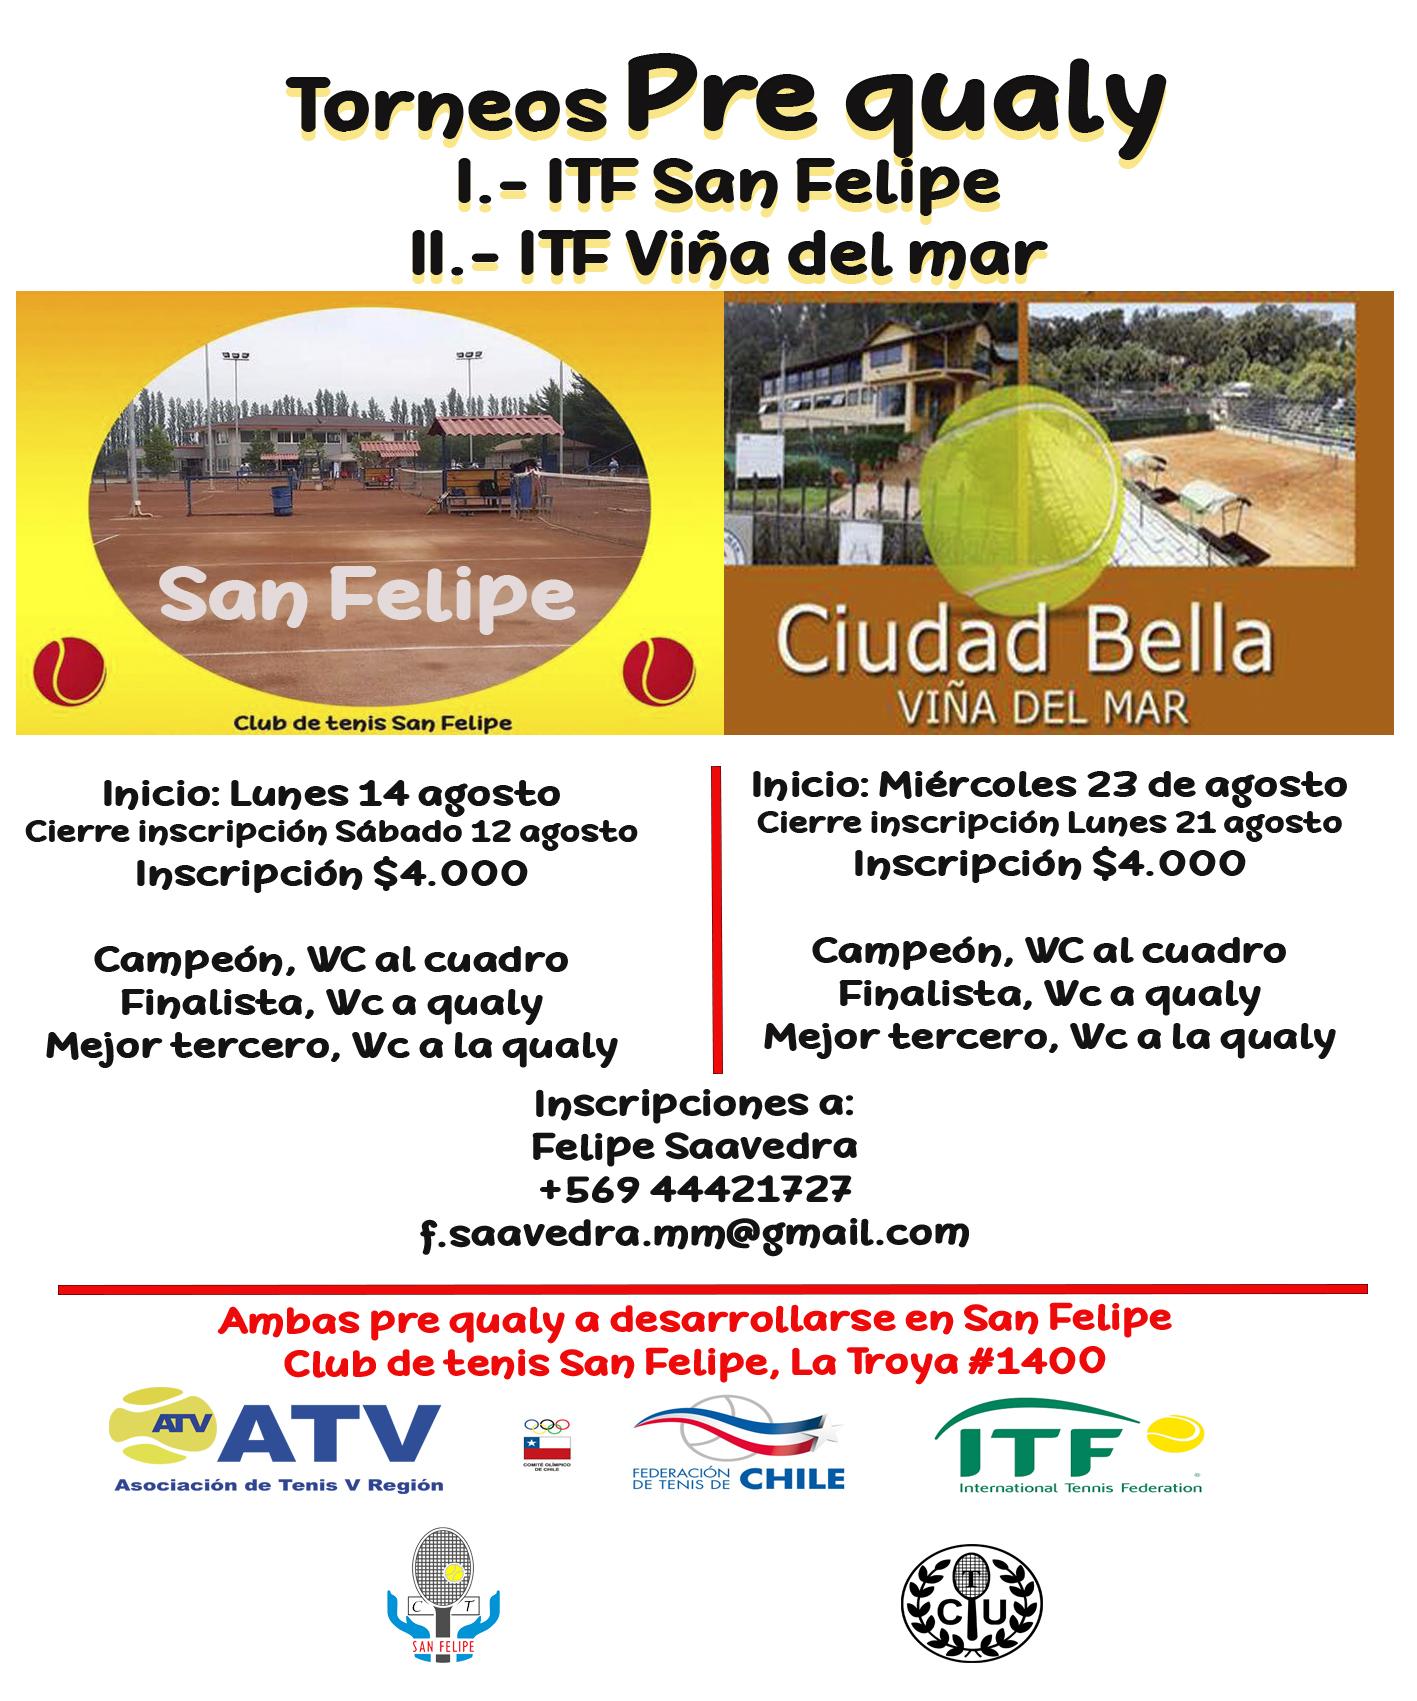 ¡Los Torneos ITF de la Quinta Región tendrán Prequalys!